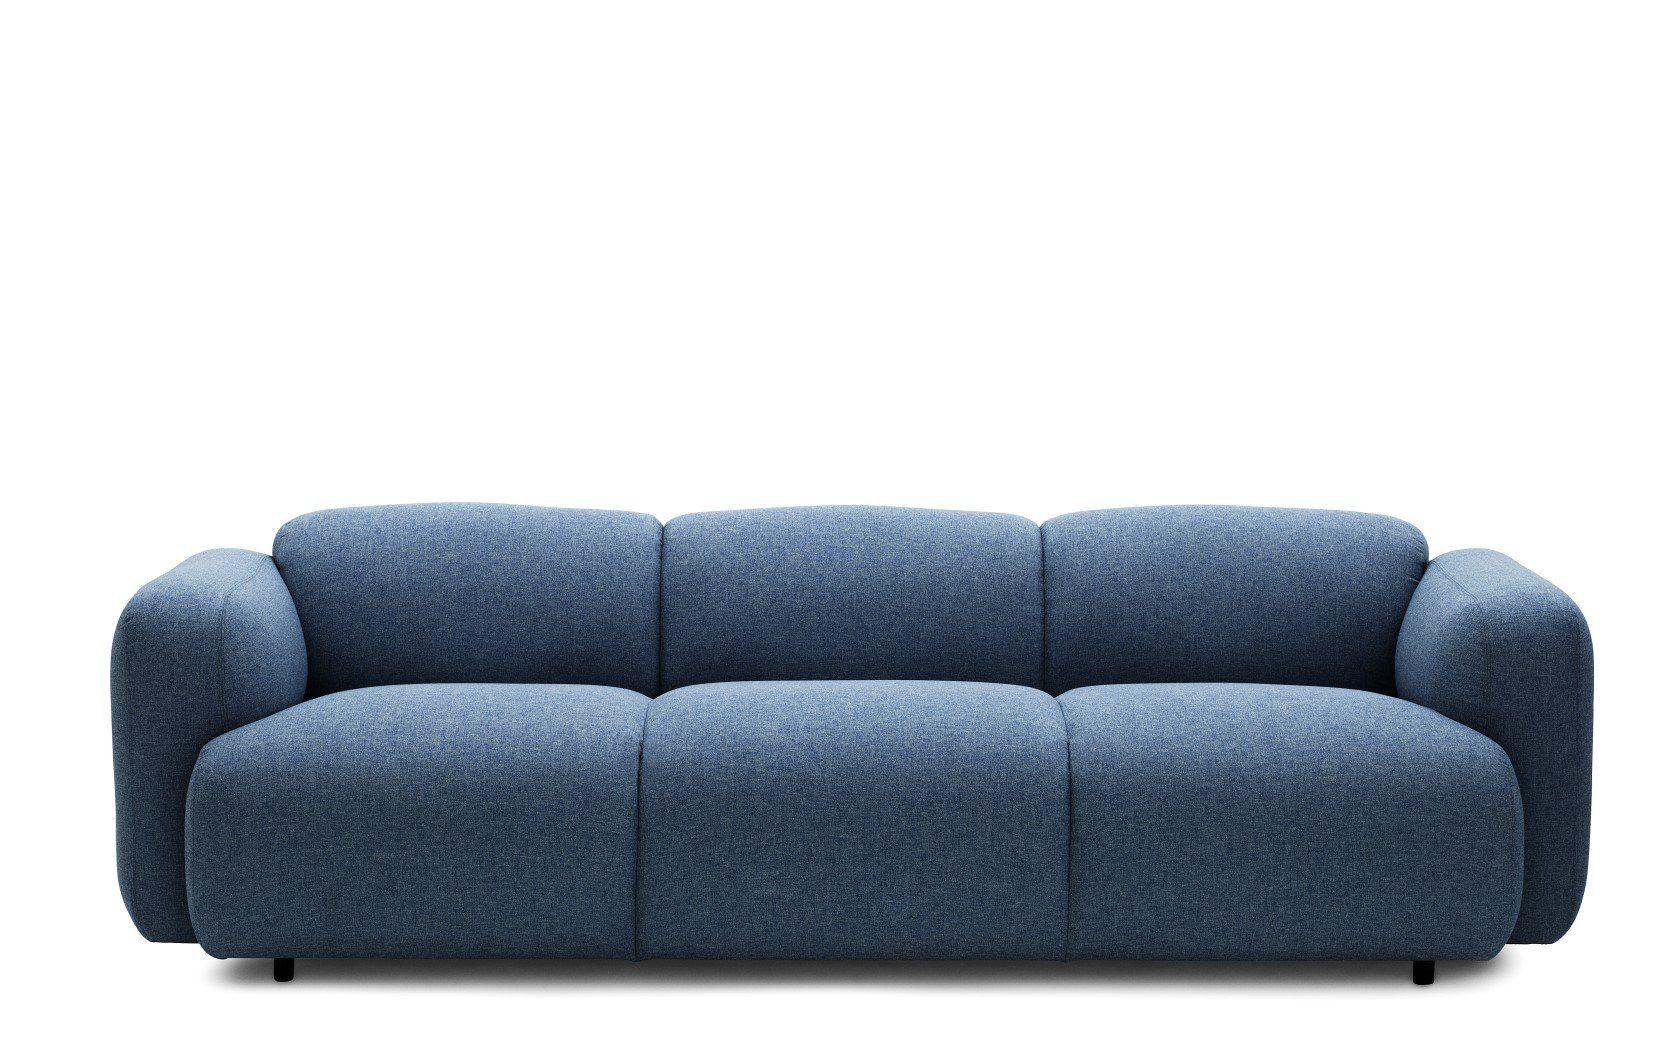 Sofa Kopenhagen norman kopenhagen sofa swell norman